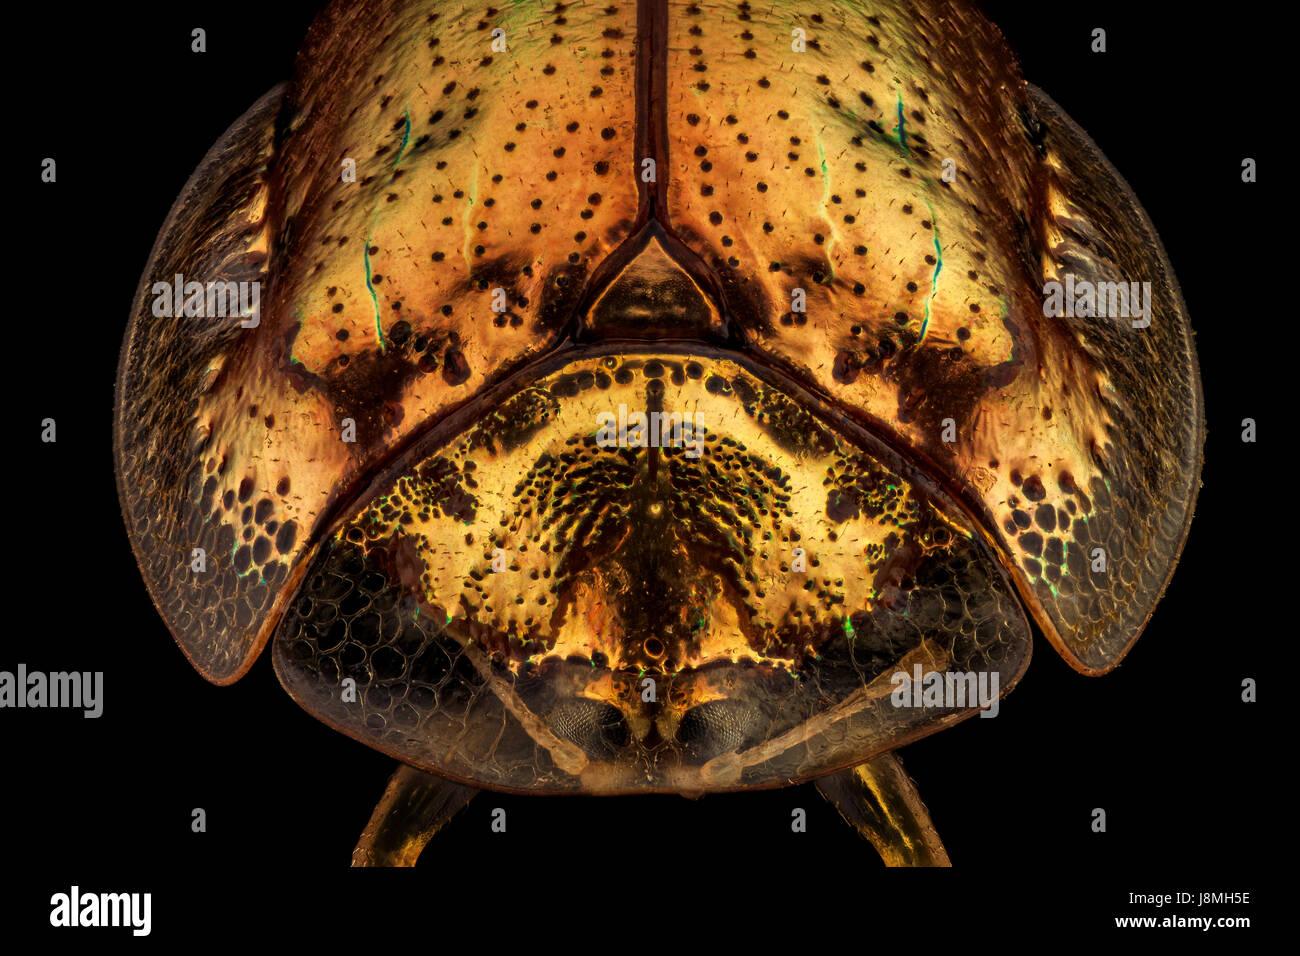 Frontalansicht eines goldenen Schildkröte-Käfers. Die Goldene Schildkröte Käfer ist eine Art Stockbild